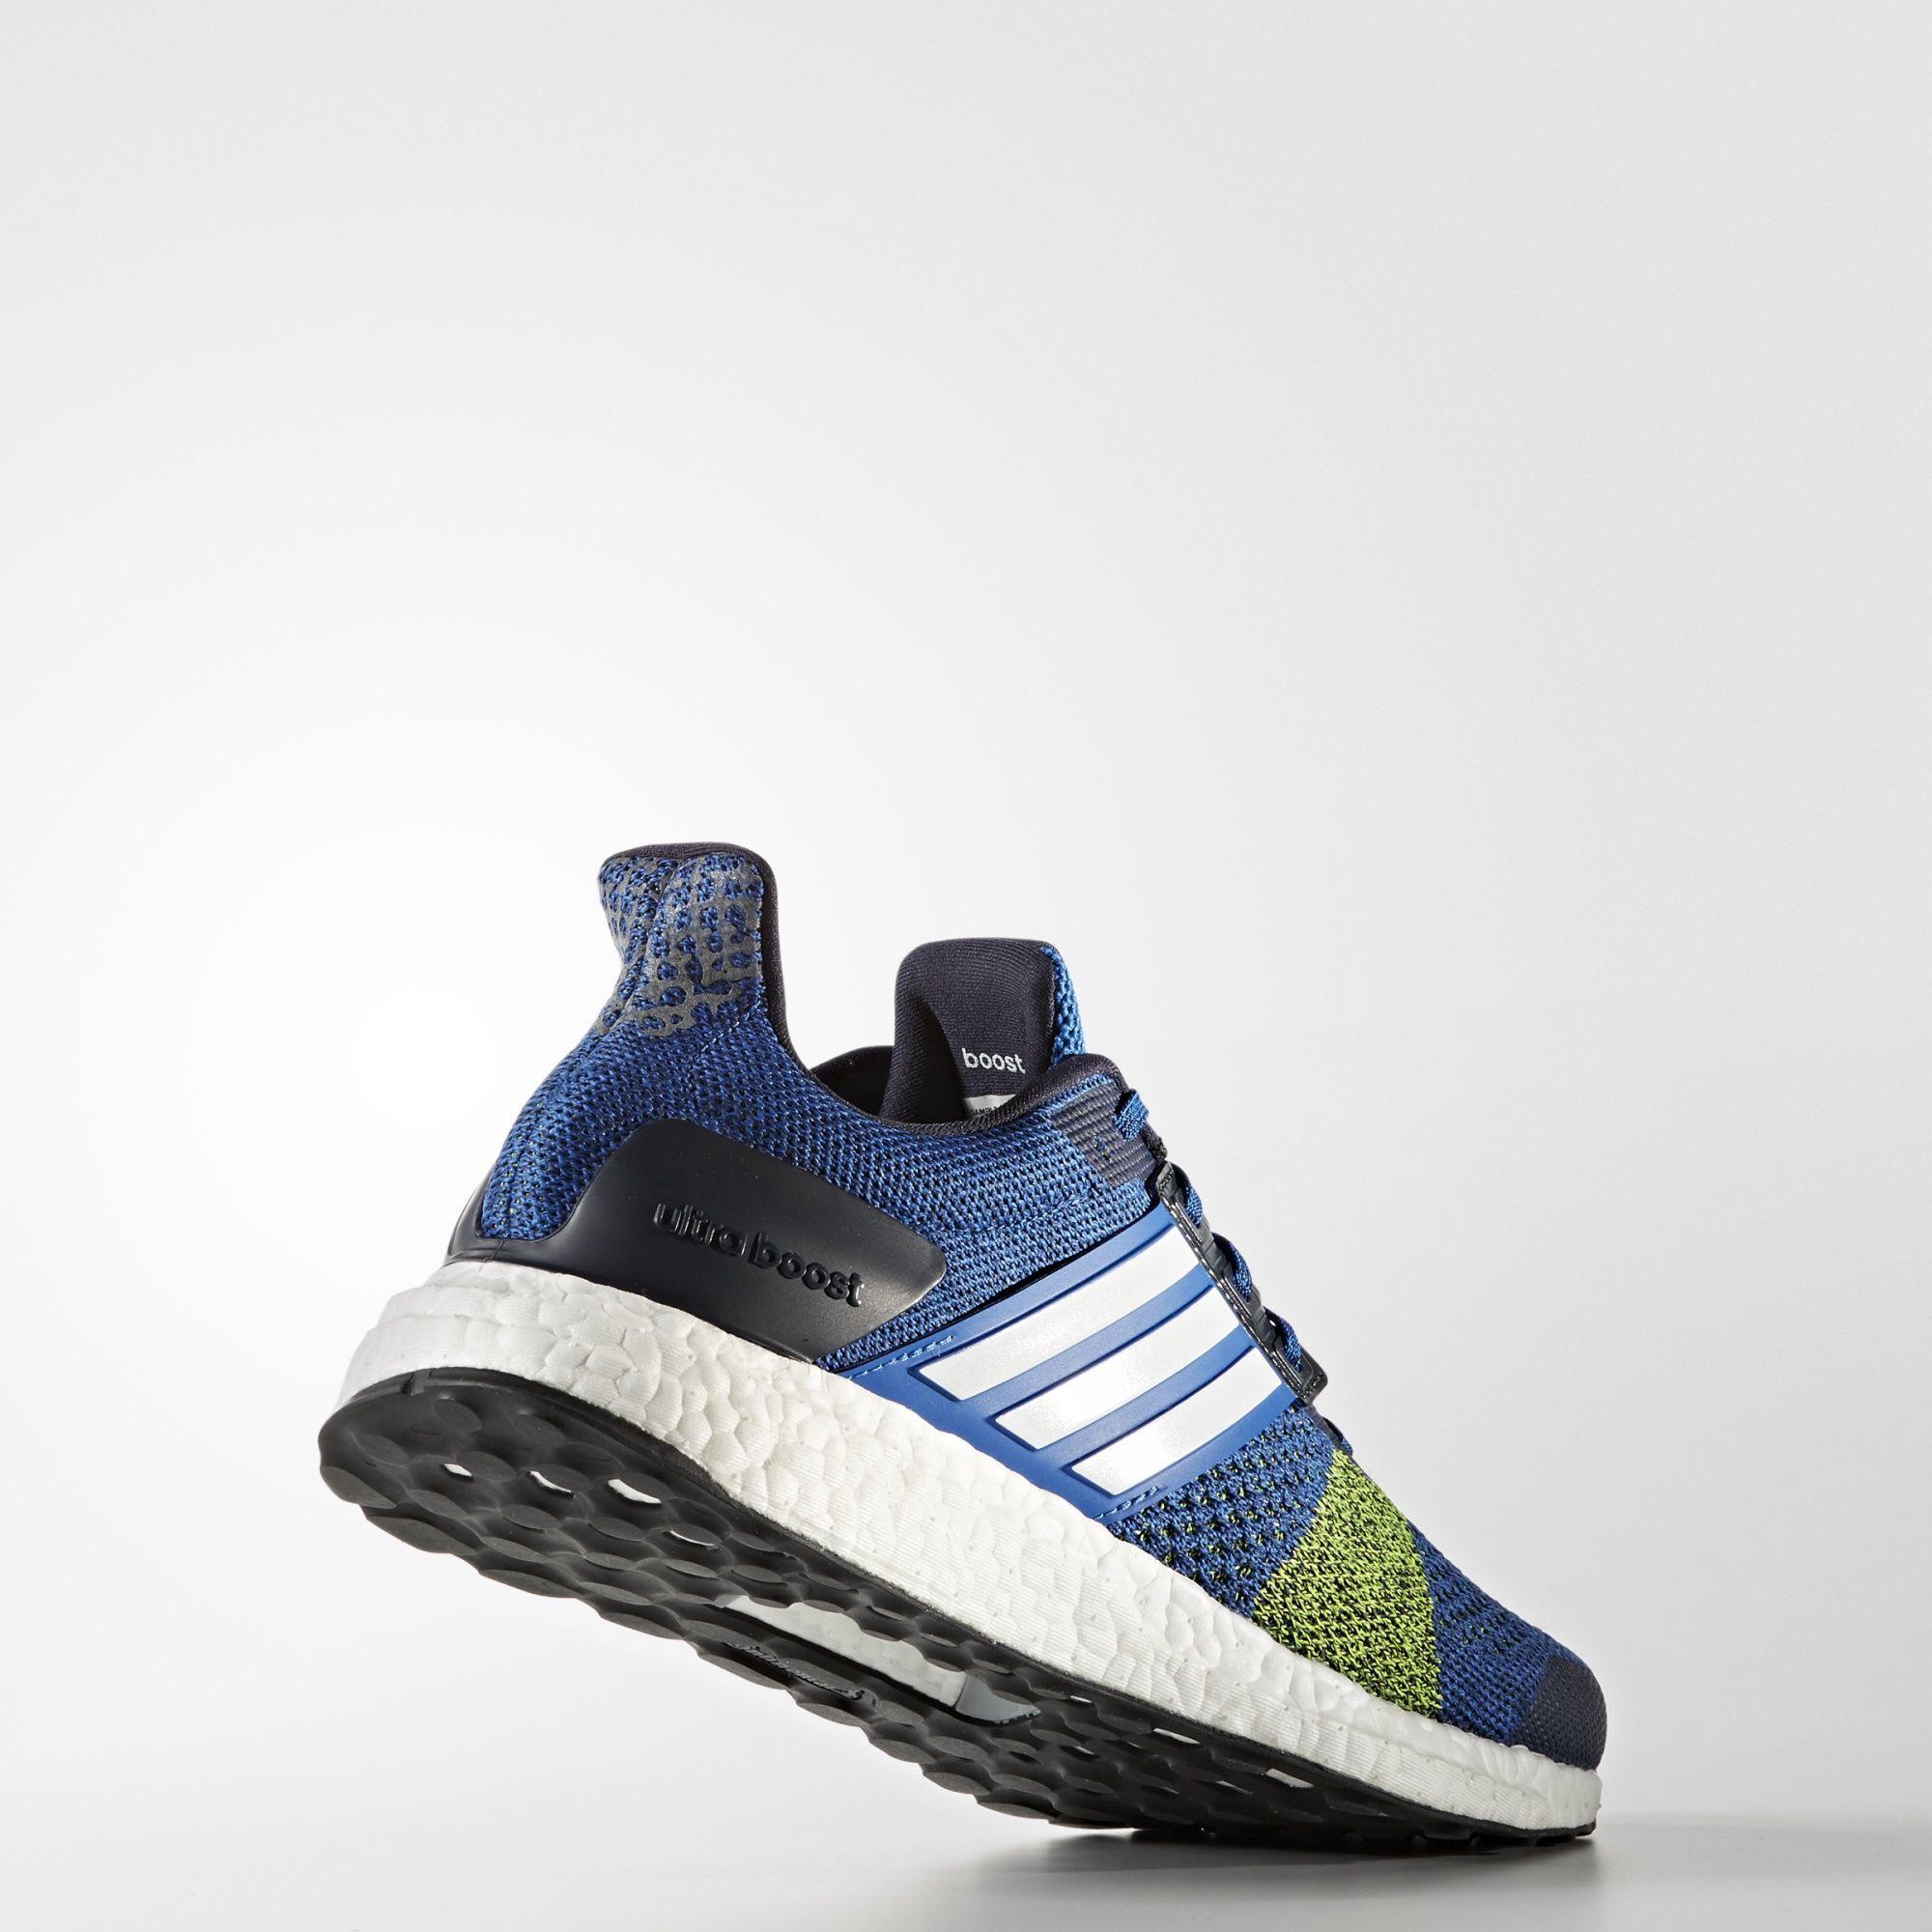 adidas UltraBOOST ST in Blau